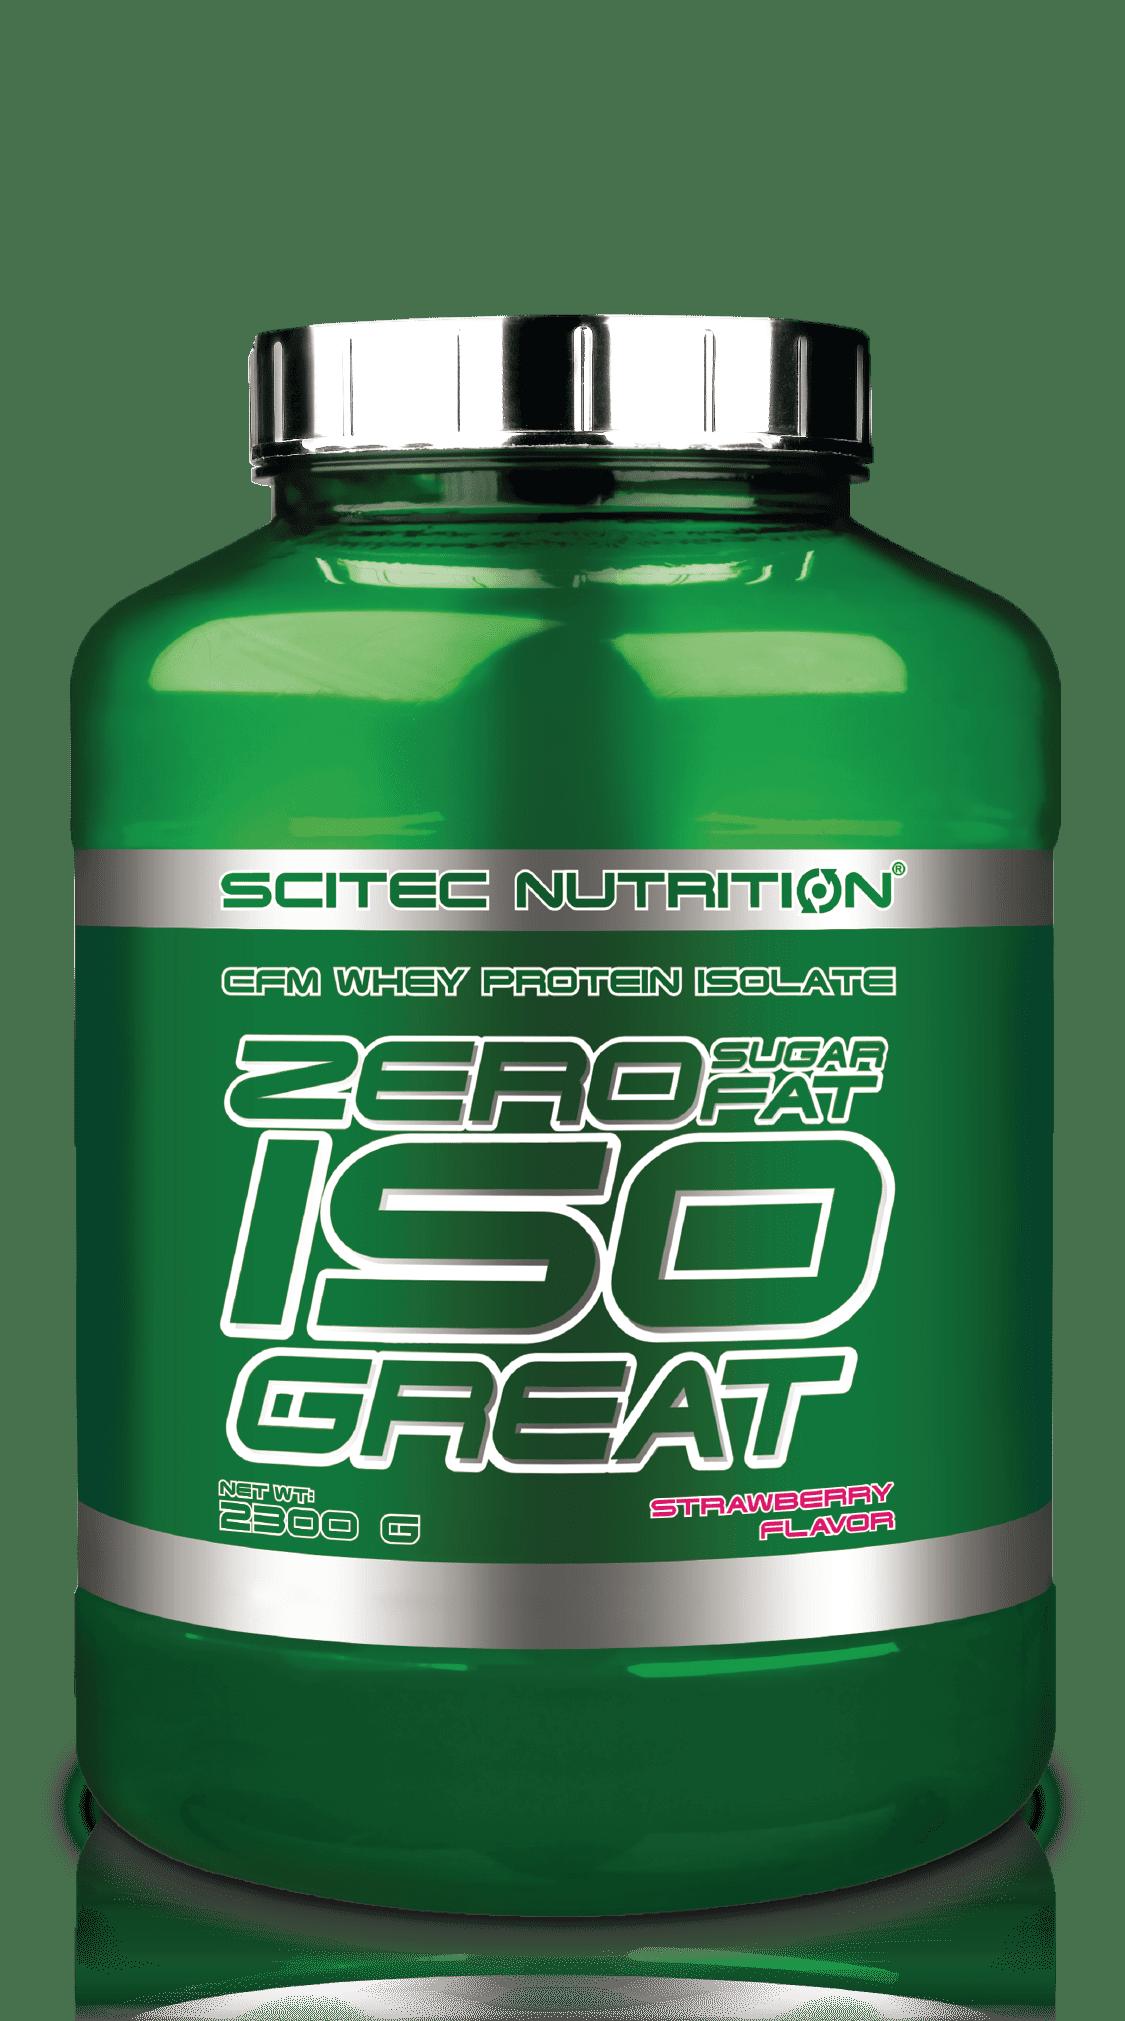 Zero Sugar Fat  Isogreat (Isolate)